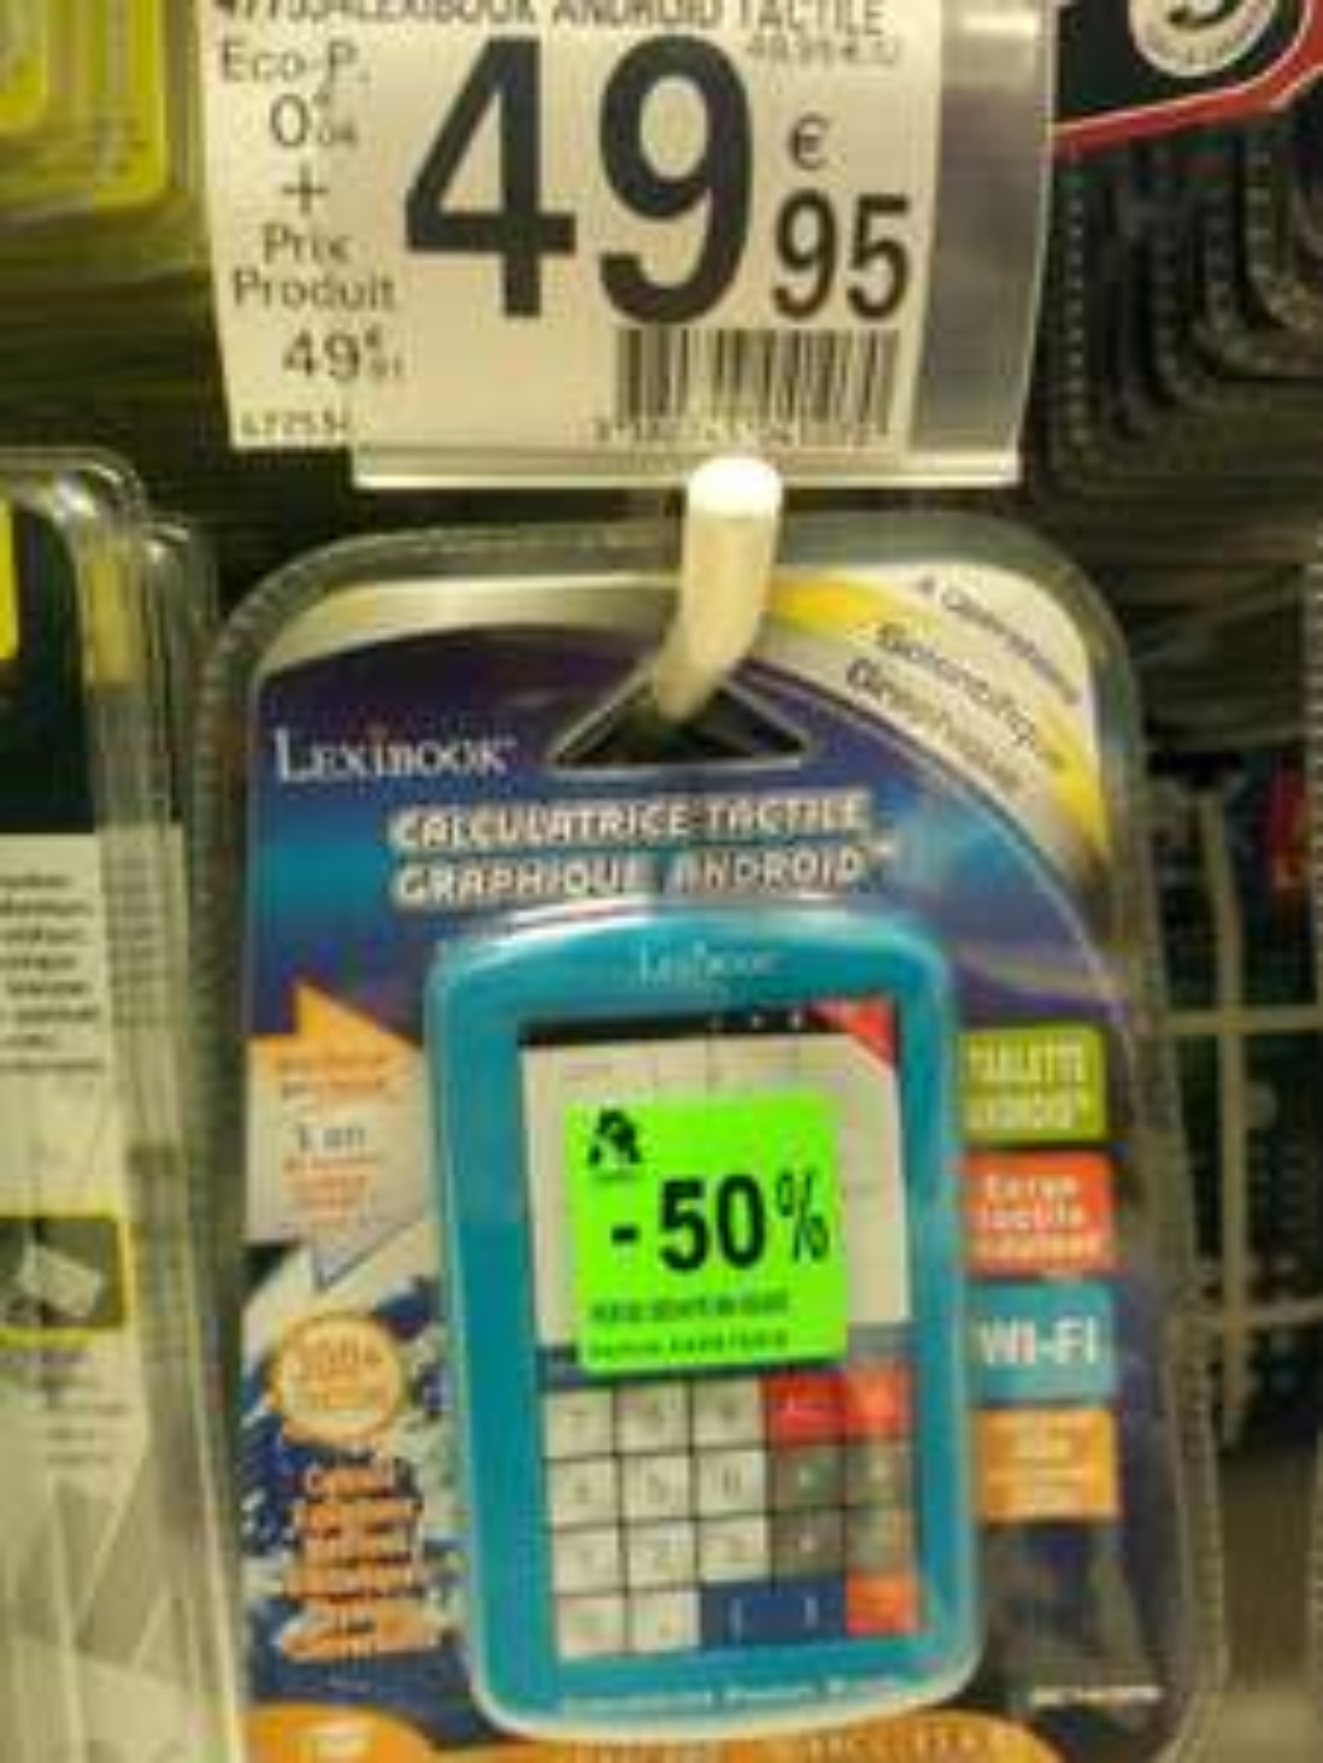 Calculatrice tactile graphique traducteur Android Lexibook GC143FR